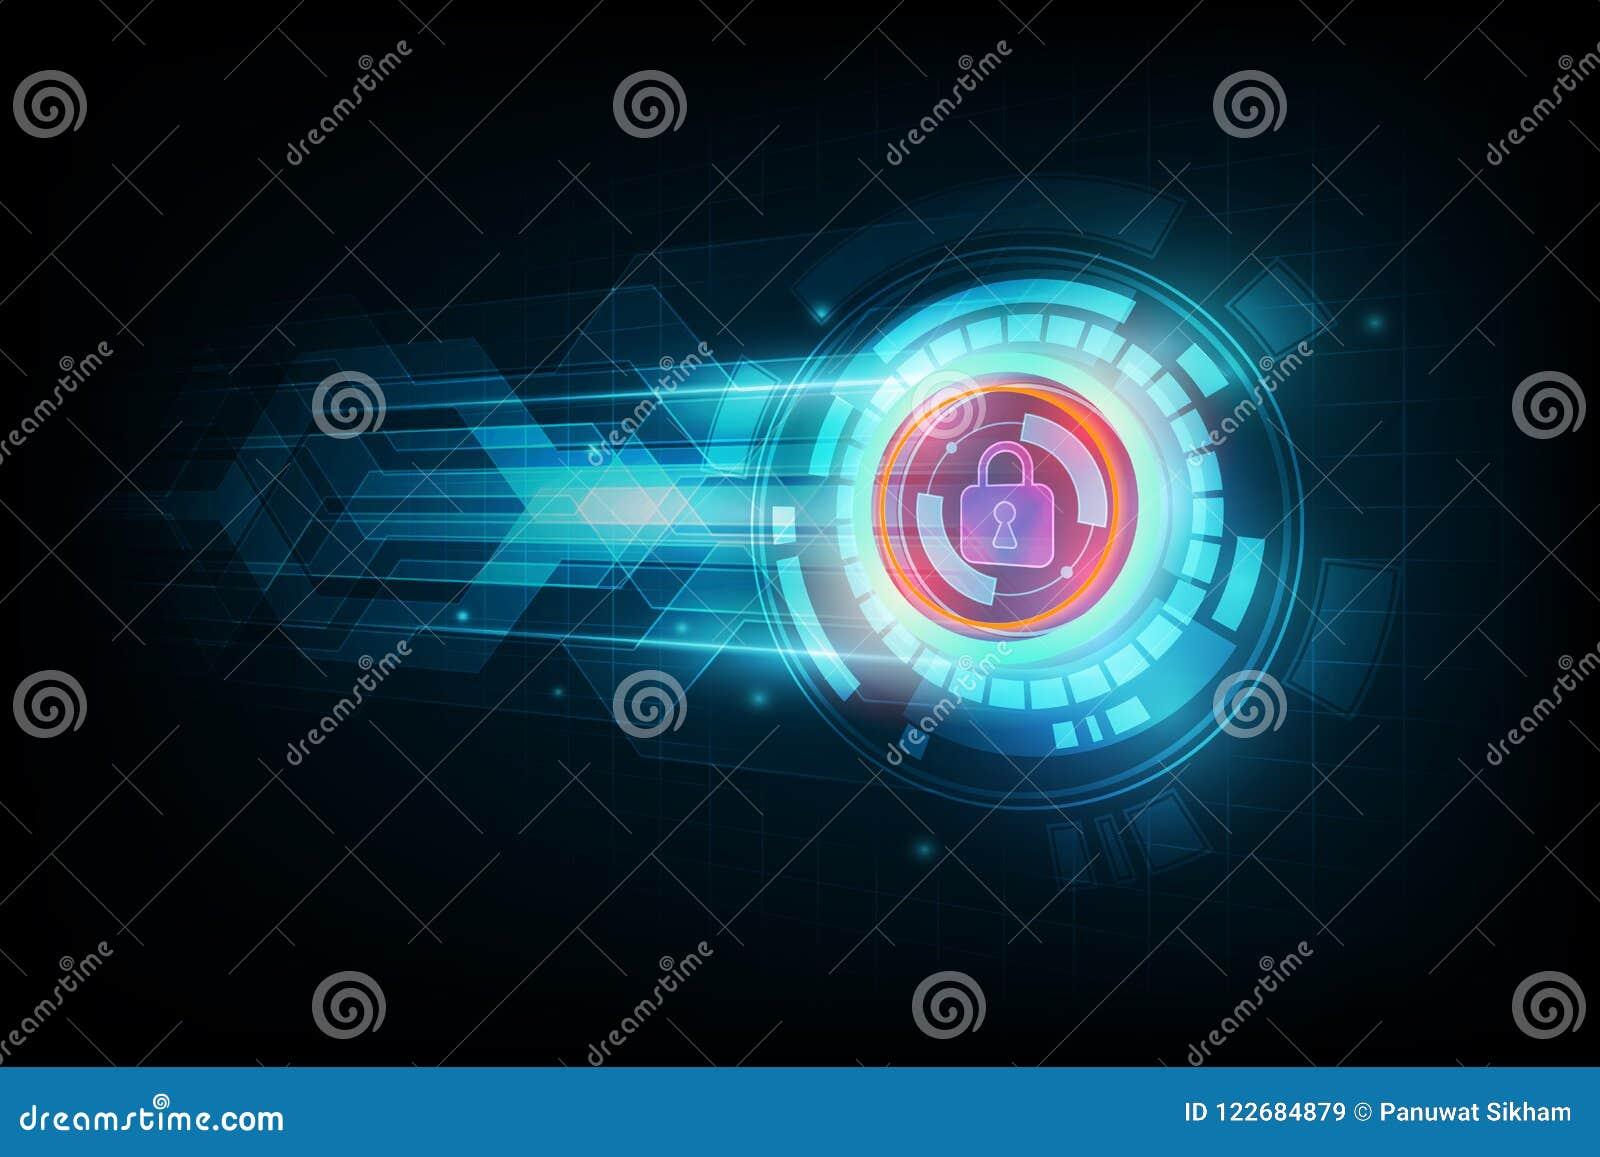 Abstraktes Datensicherheitskonzept und futuristisches elektronisches techno